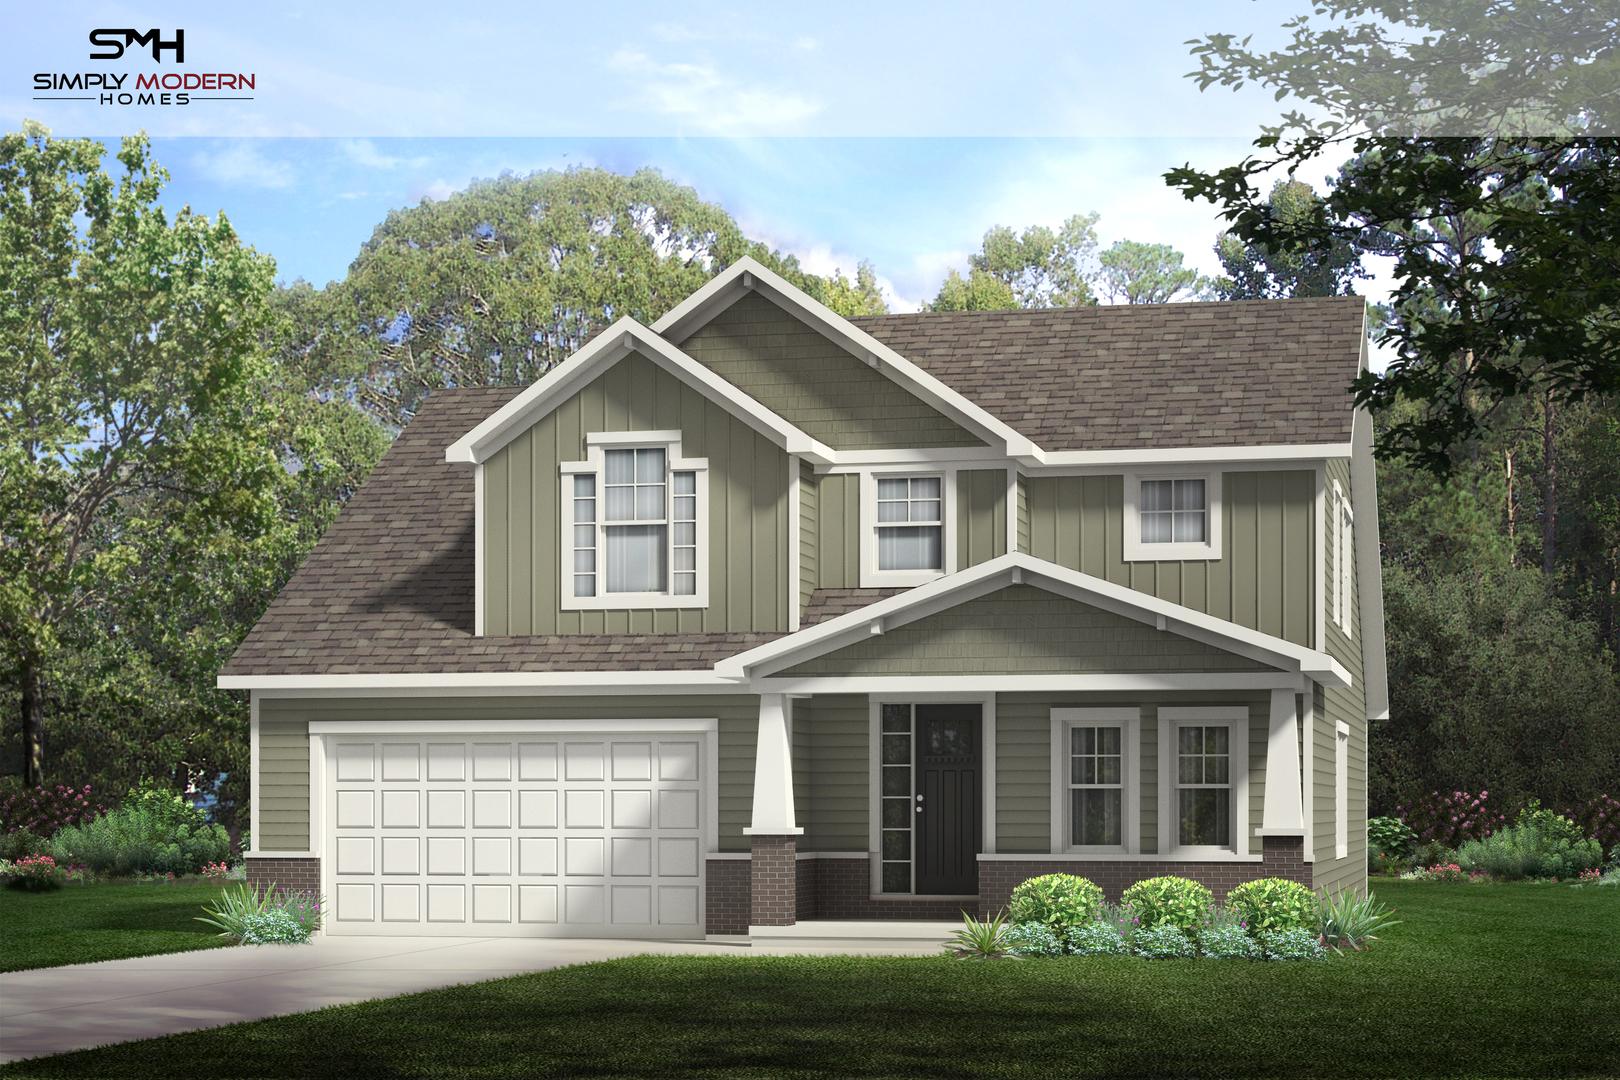 73 Deerfield Estates, Oglesby, Illinois 61348